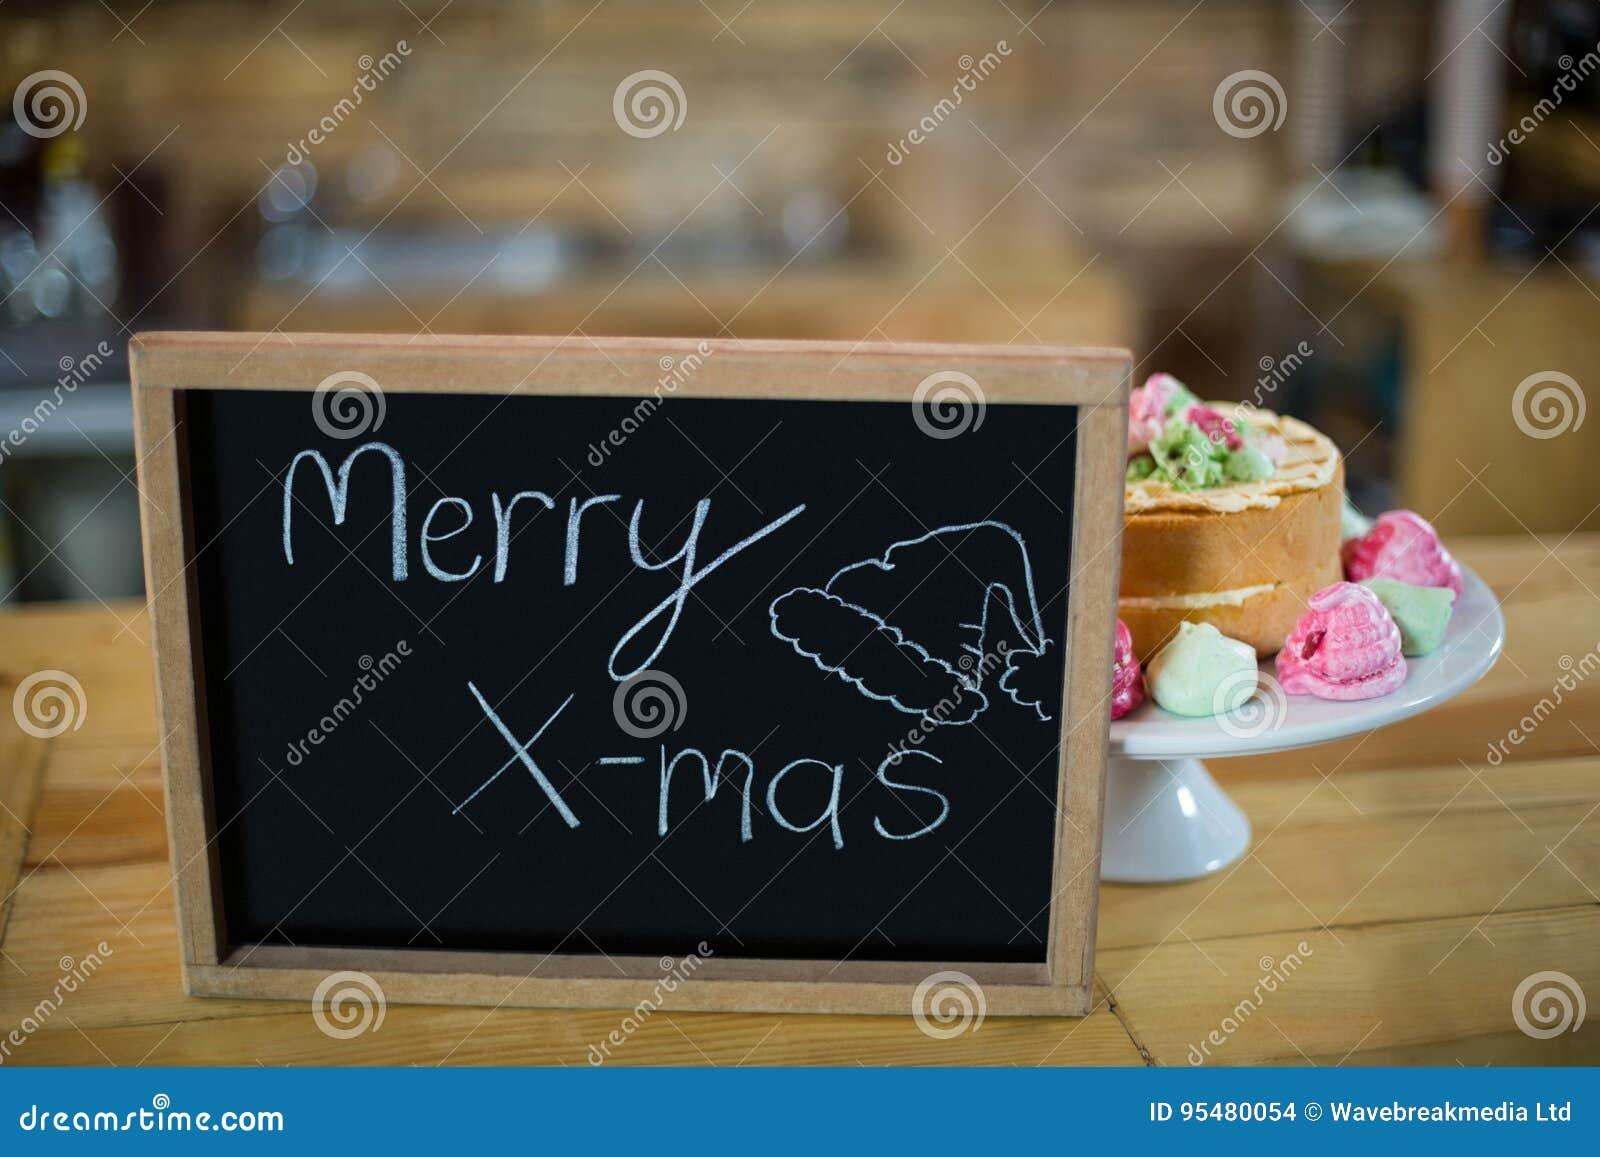 Wesoło x mas znaka deska z tortem przy kontuarem